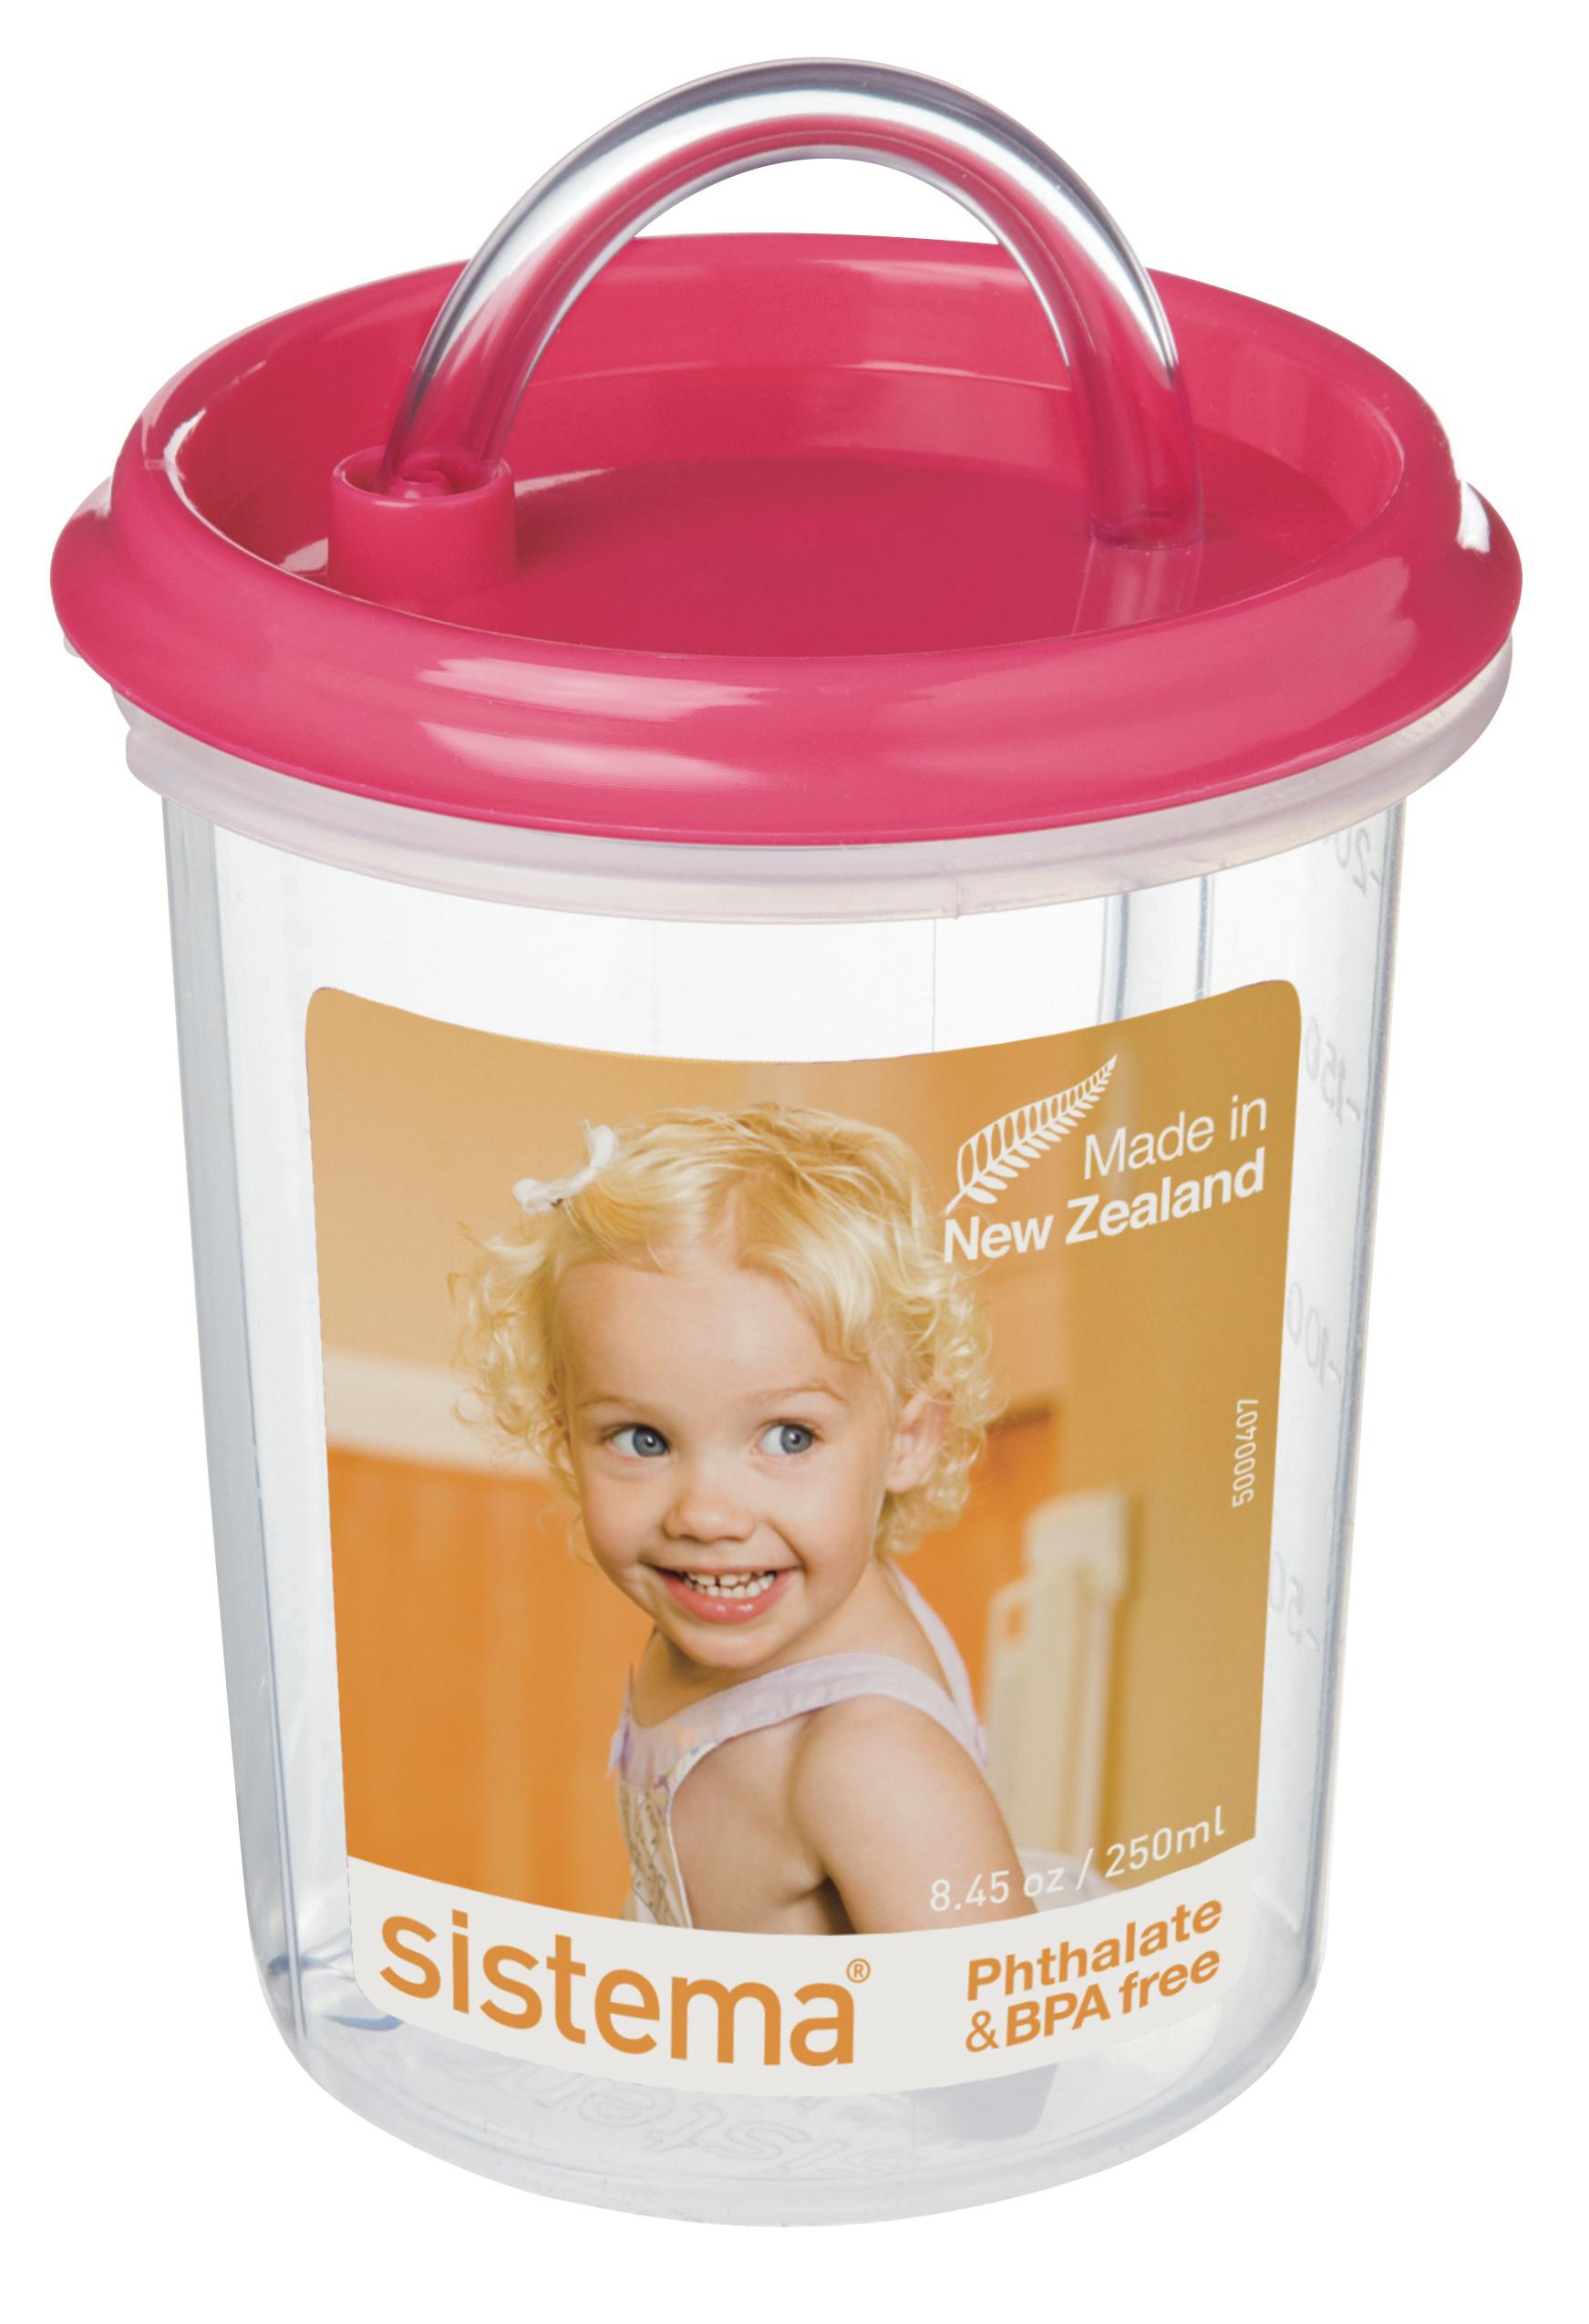 Чашка детская Sistema, с трубочкой, цвет: малиновый, 250 мл40_малиновый